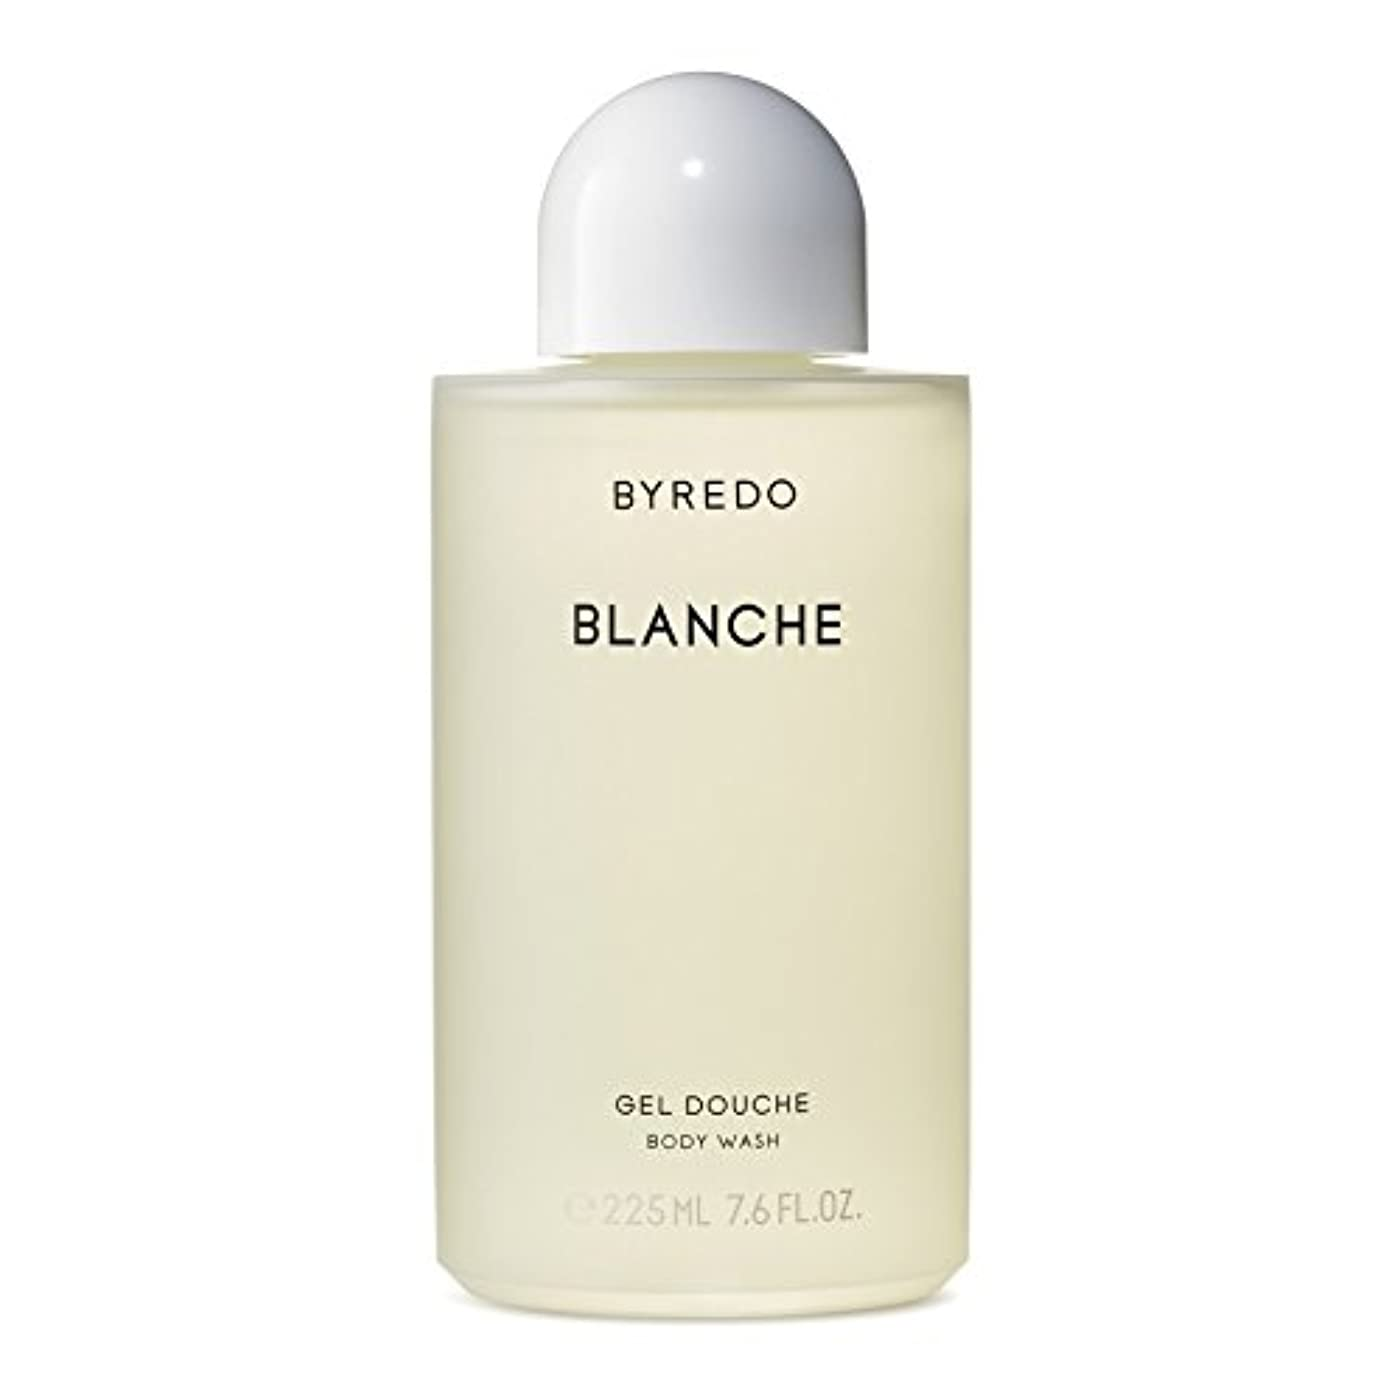 凍る極貧思慮のないByredo Blanche Body Wash 225ml - ブランシュボディウォッシュ225ミリリットル [並行輸入品]